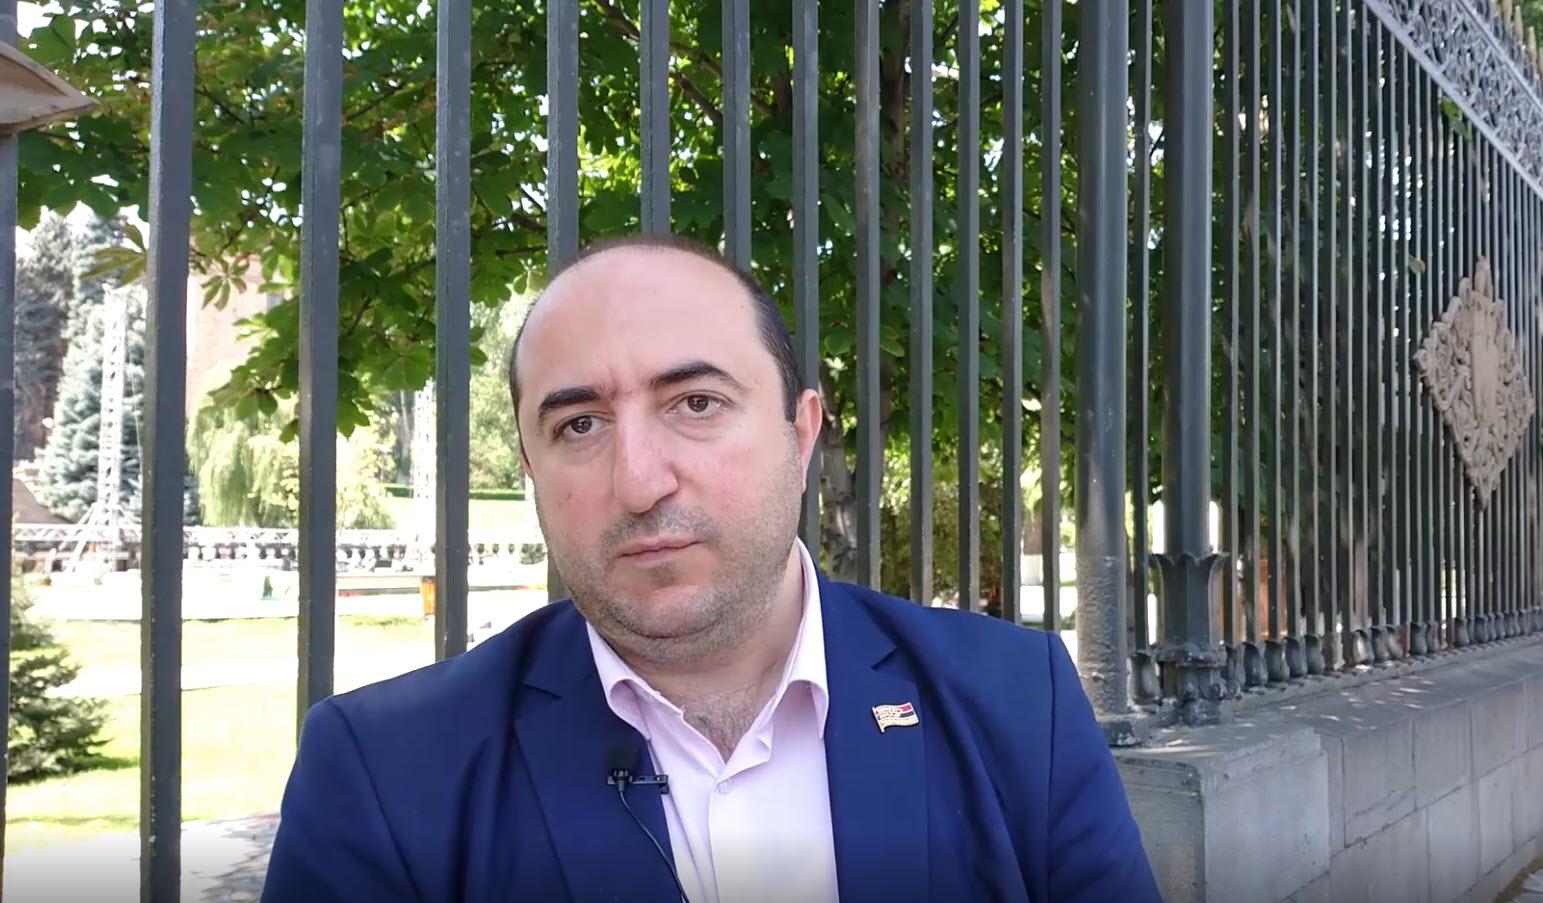 Արտակ Մանուկյան. Ռոյալթին ռազմավարական ու երկարաժամկետ լուծում է. Տեսանյութ